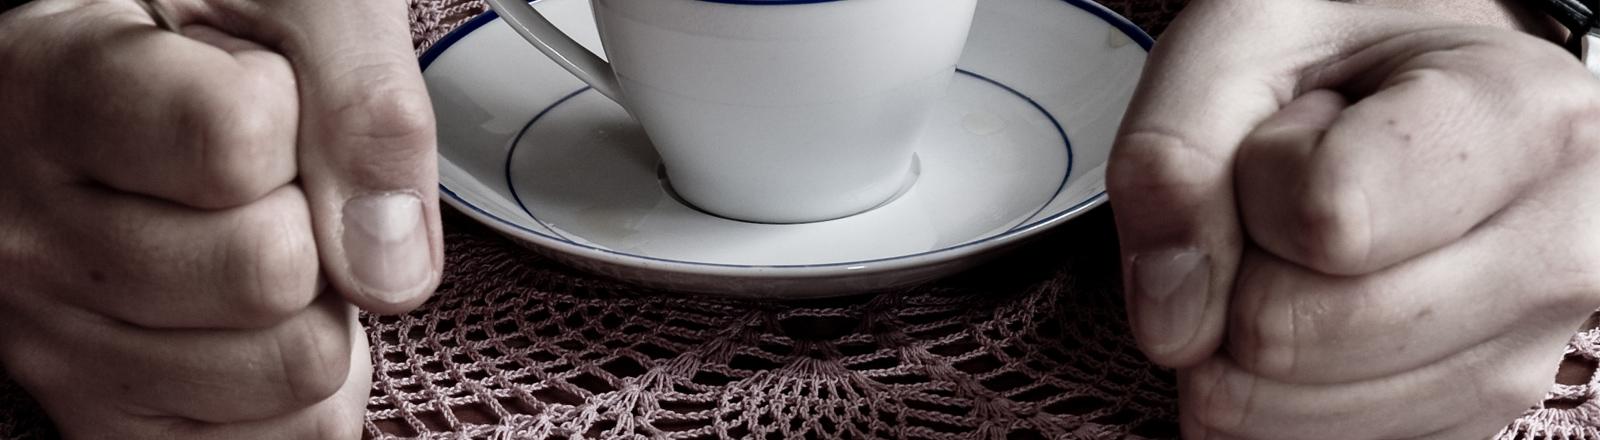 Kaffeetasse zwischen zwei geballte Fäusten auf dem Tisch